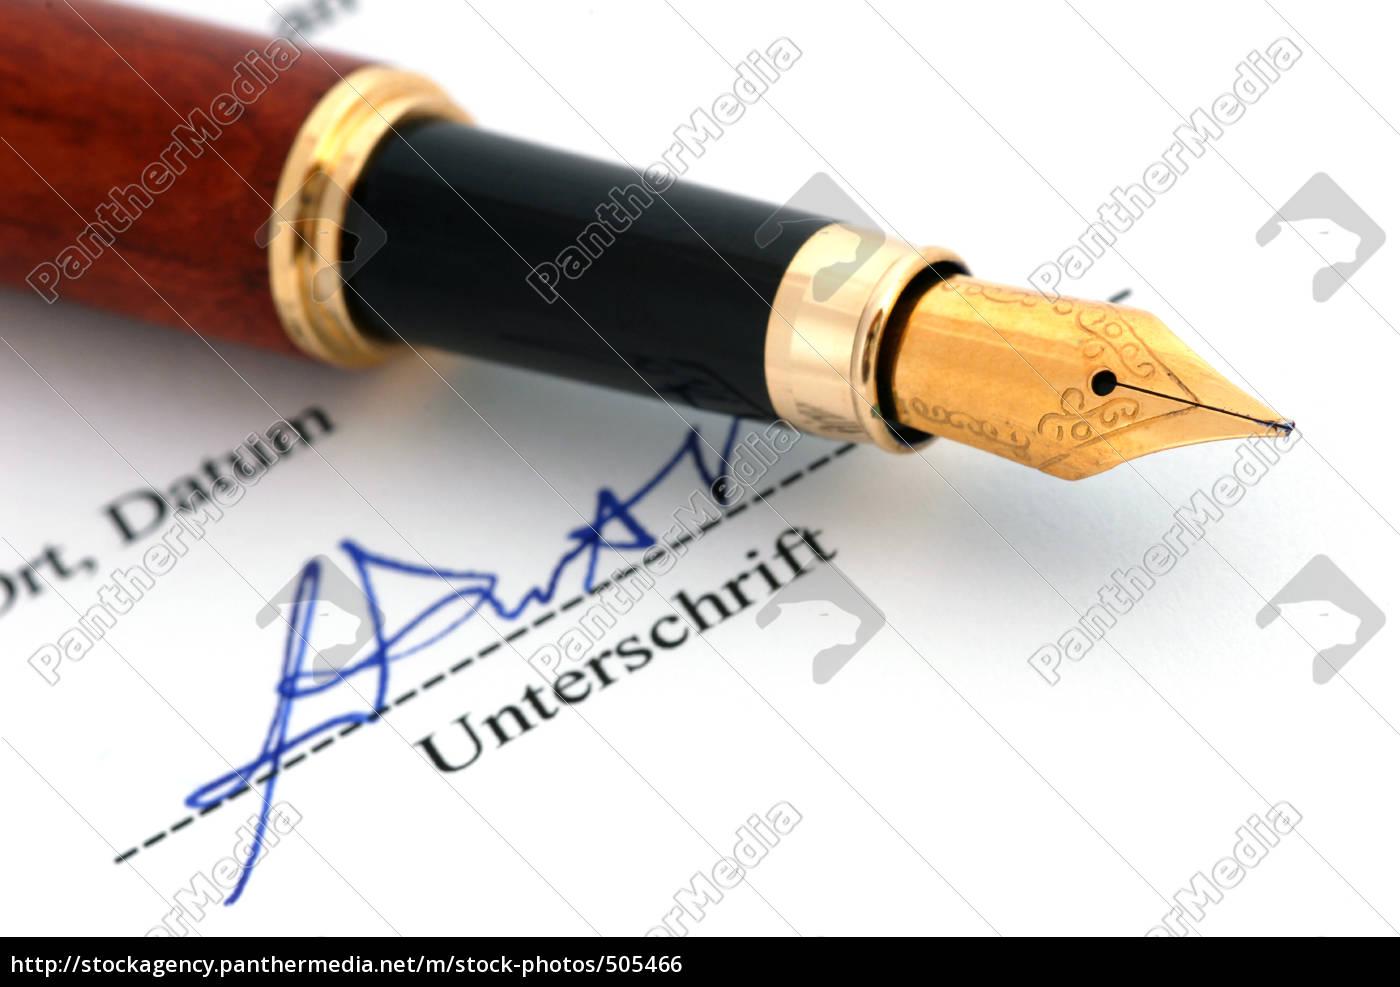 the, signature - 505466